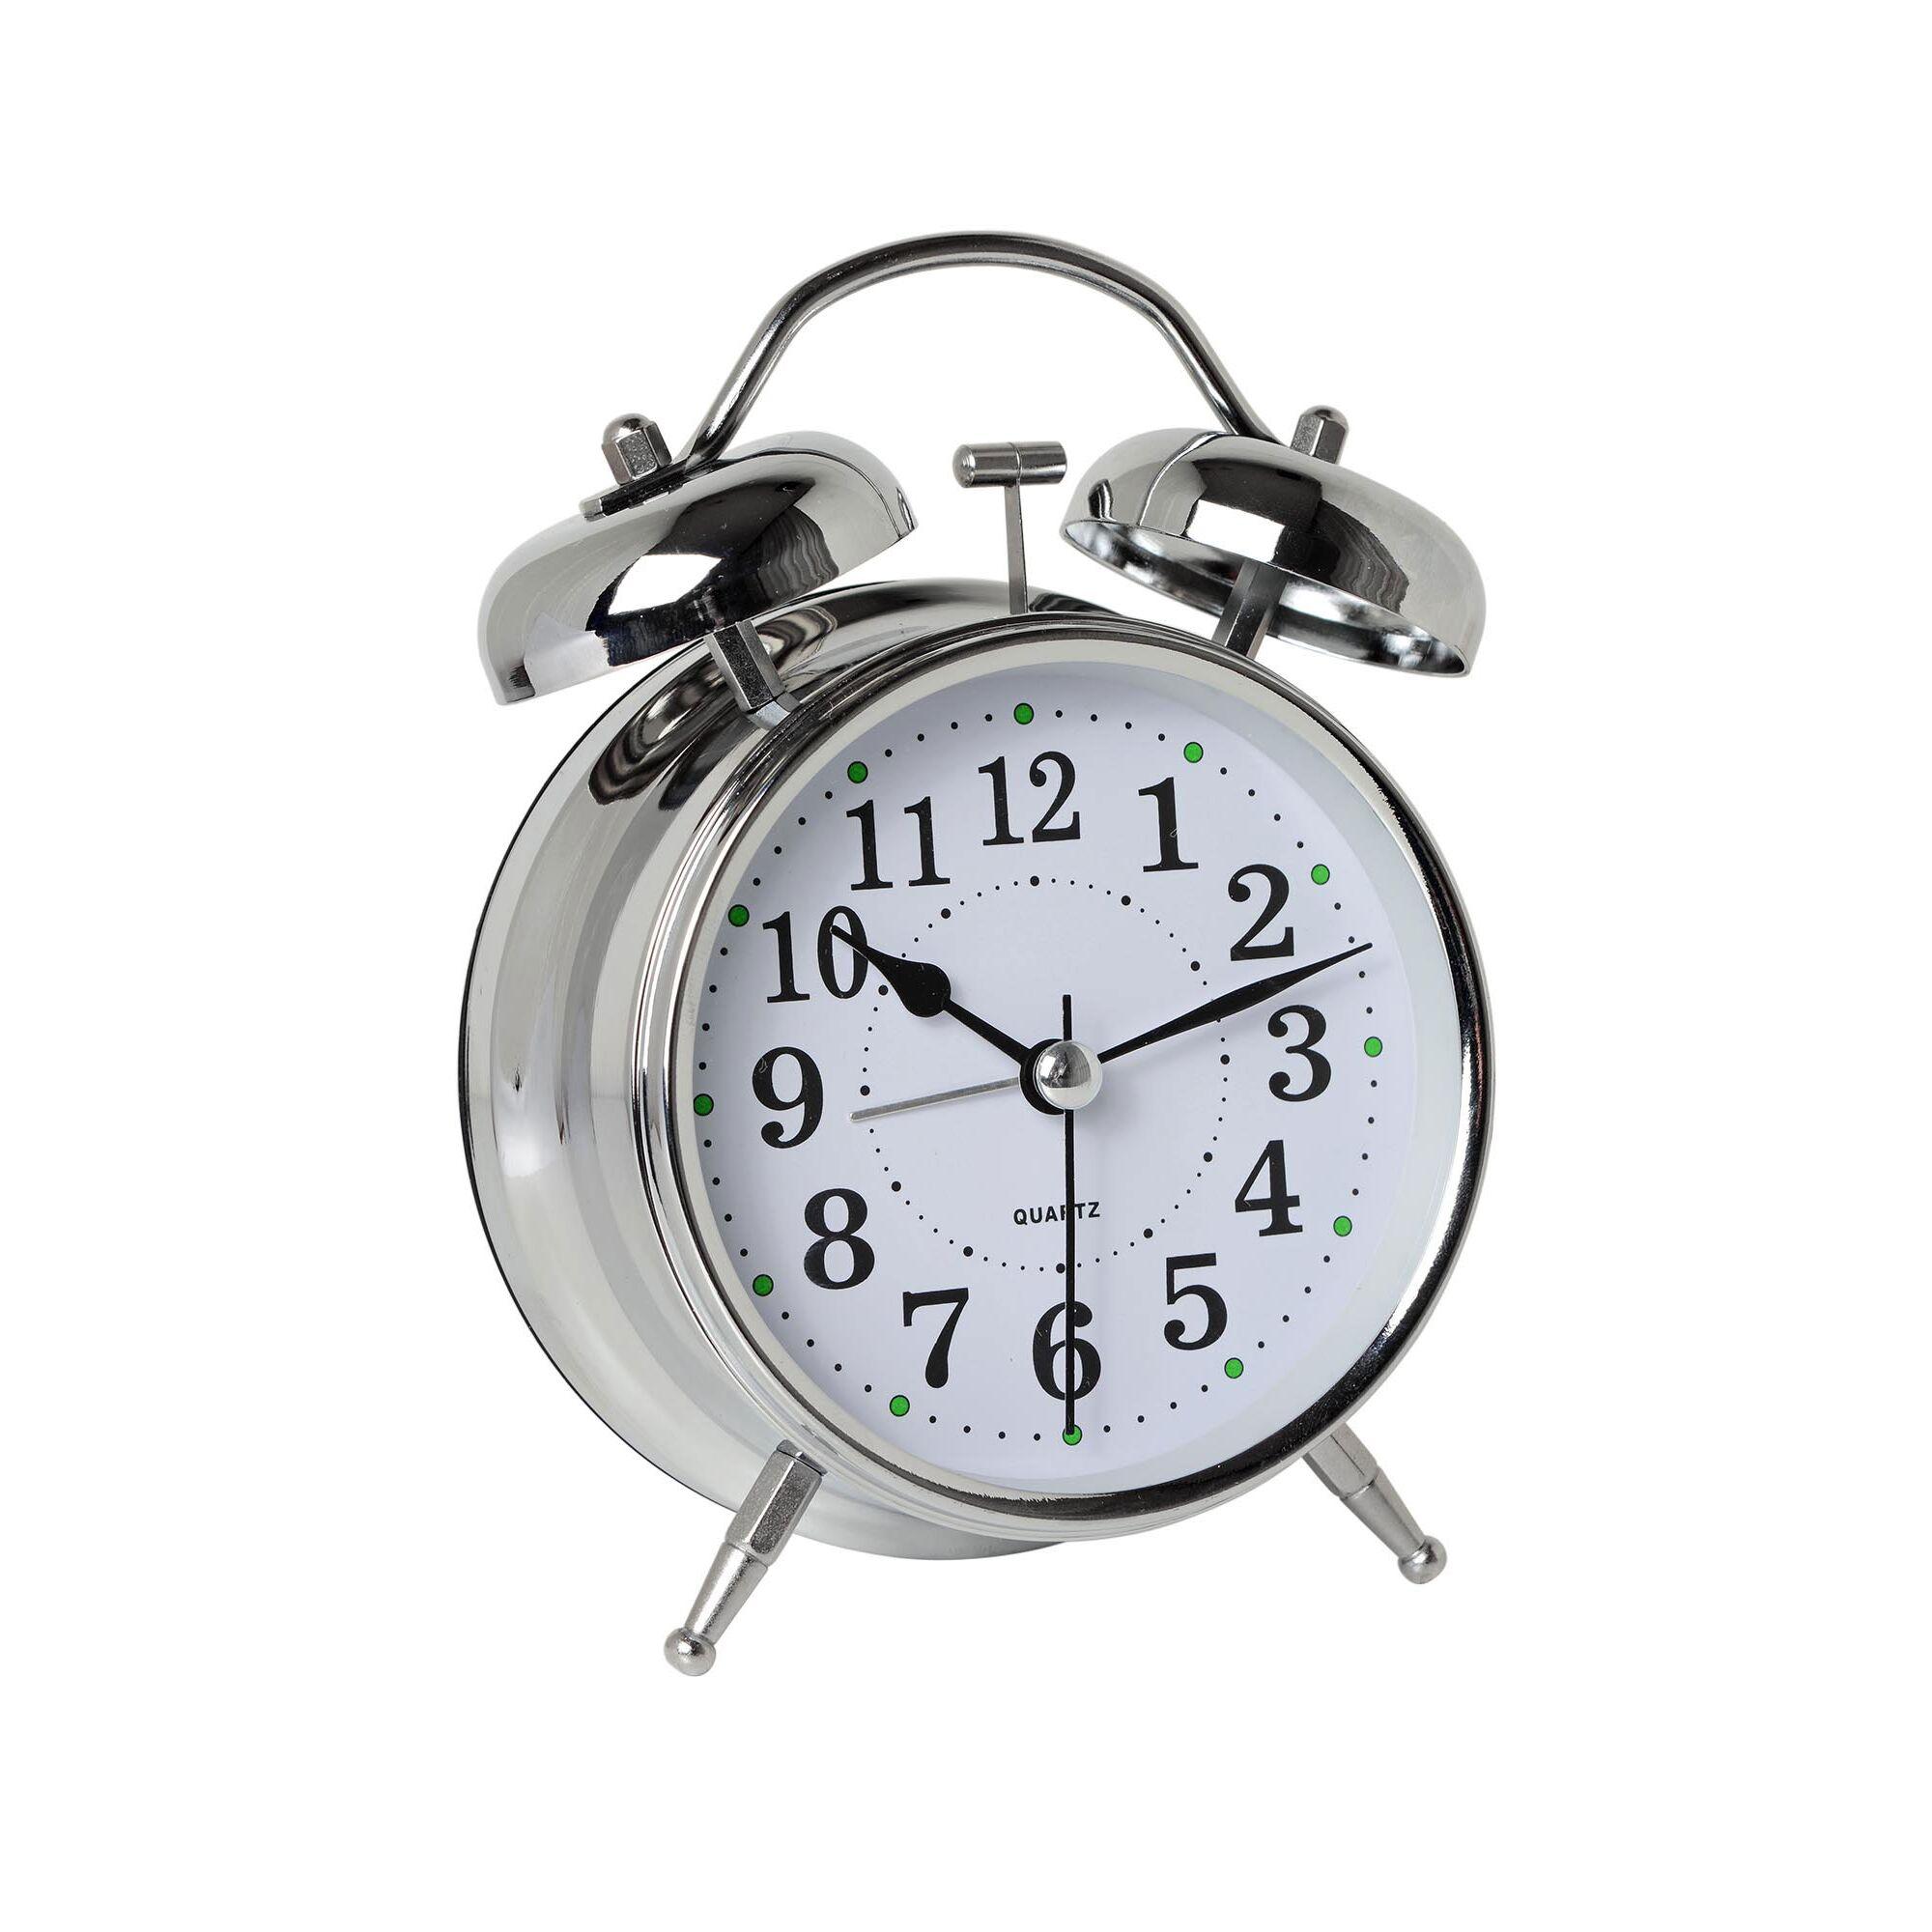 Είδη σπιτιού    Διακόσμηση    Επιτραπέζιο ρολόι ξυπνητήρι twin bell Inox 6e62212011a